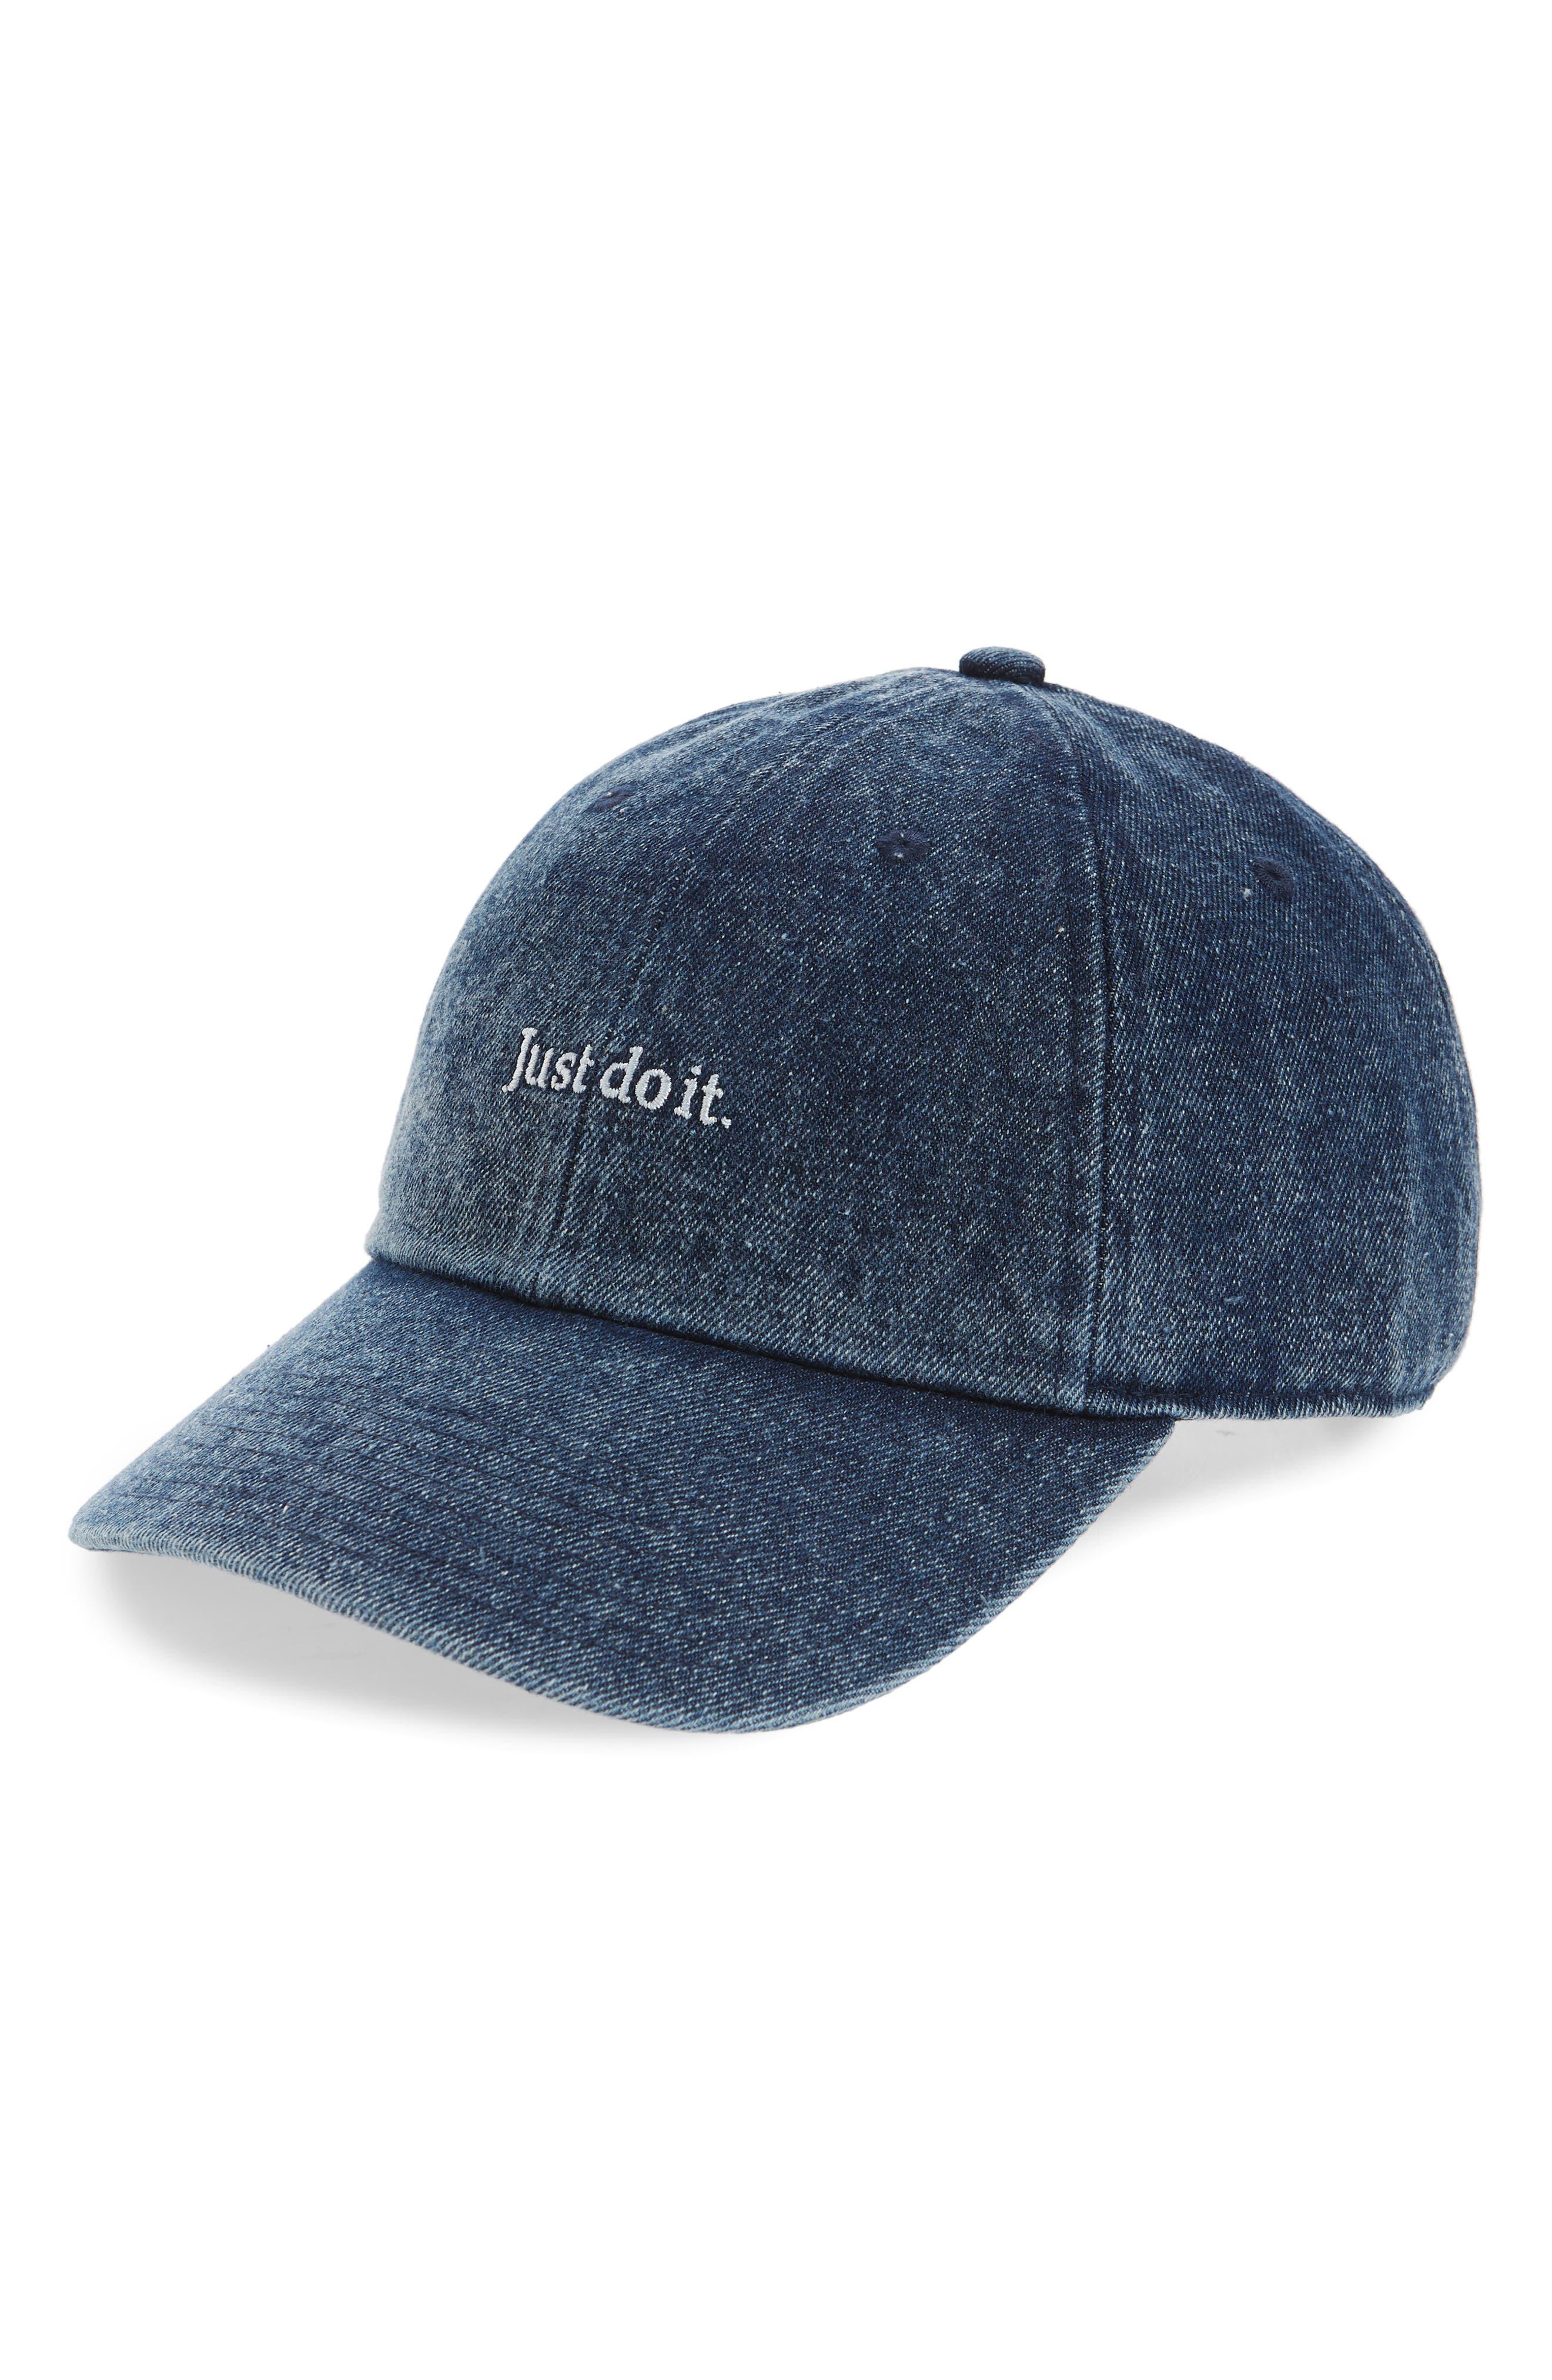 cbc6510d22 Men's Hats, Hats for Men   Nordstrom